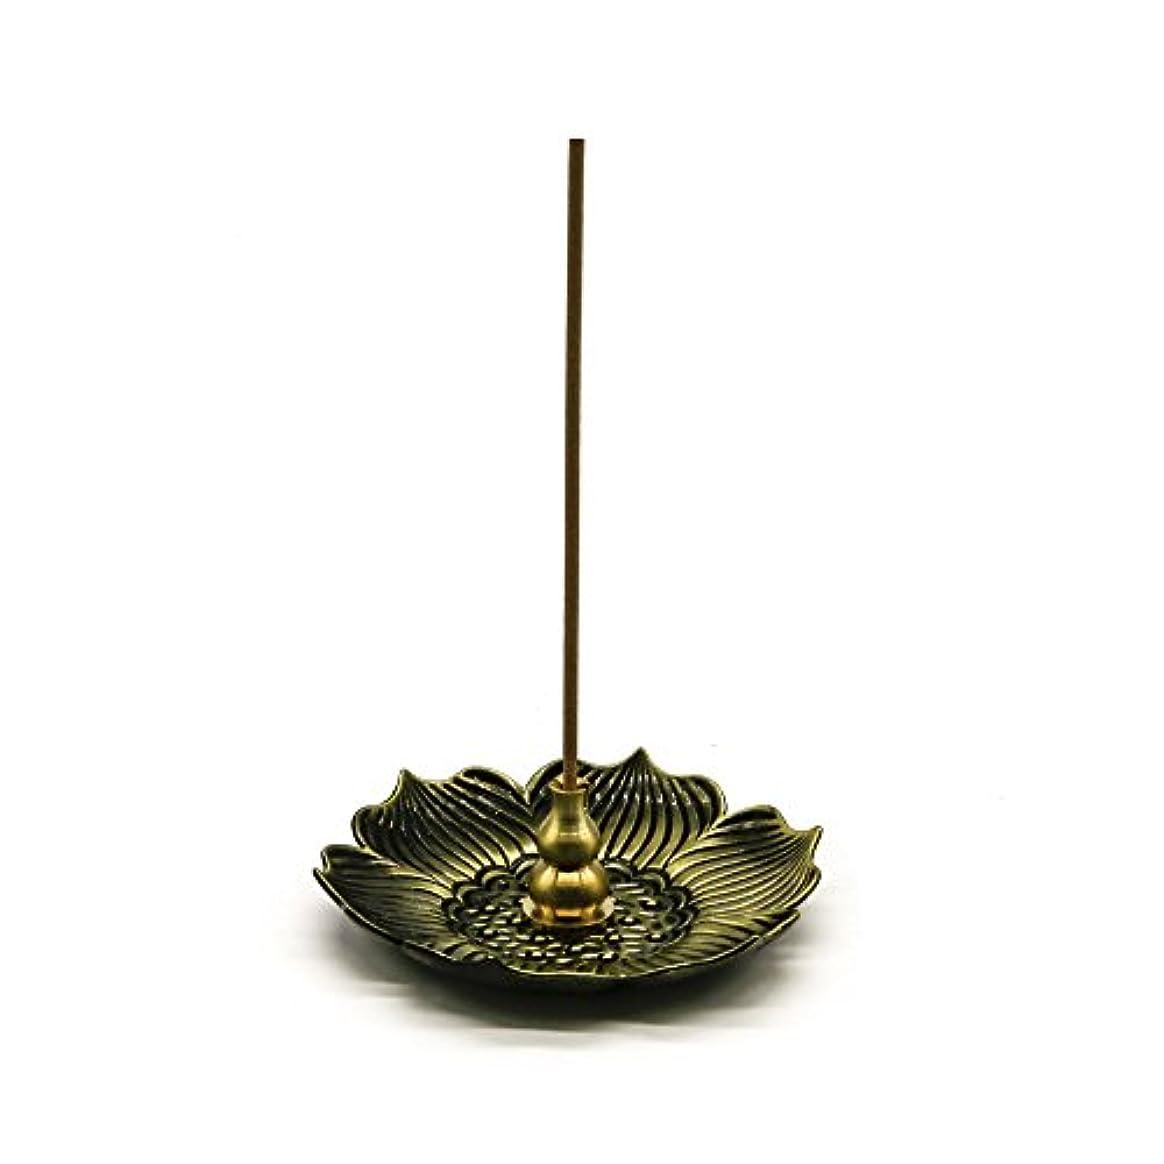 挨拶するどうやって維持omonicブロンズLotus Dish Stick Incense Burnerホルダー(スティック/コーン/コイルIncense )アロマセラピー炉Diffuser forホームインテリア